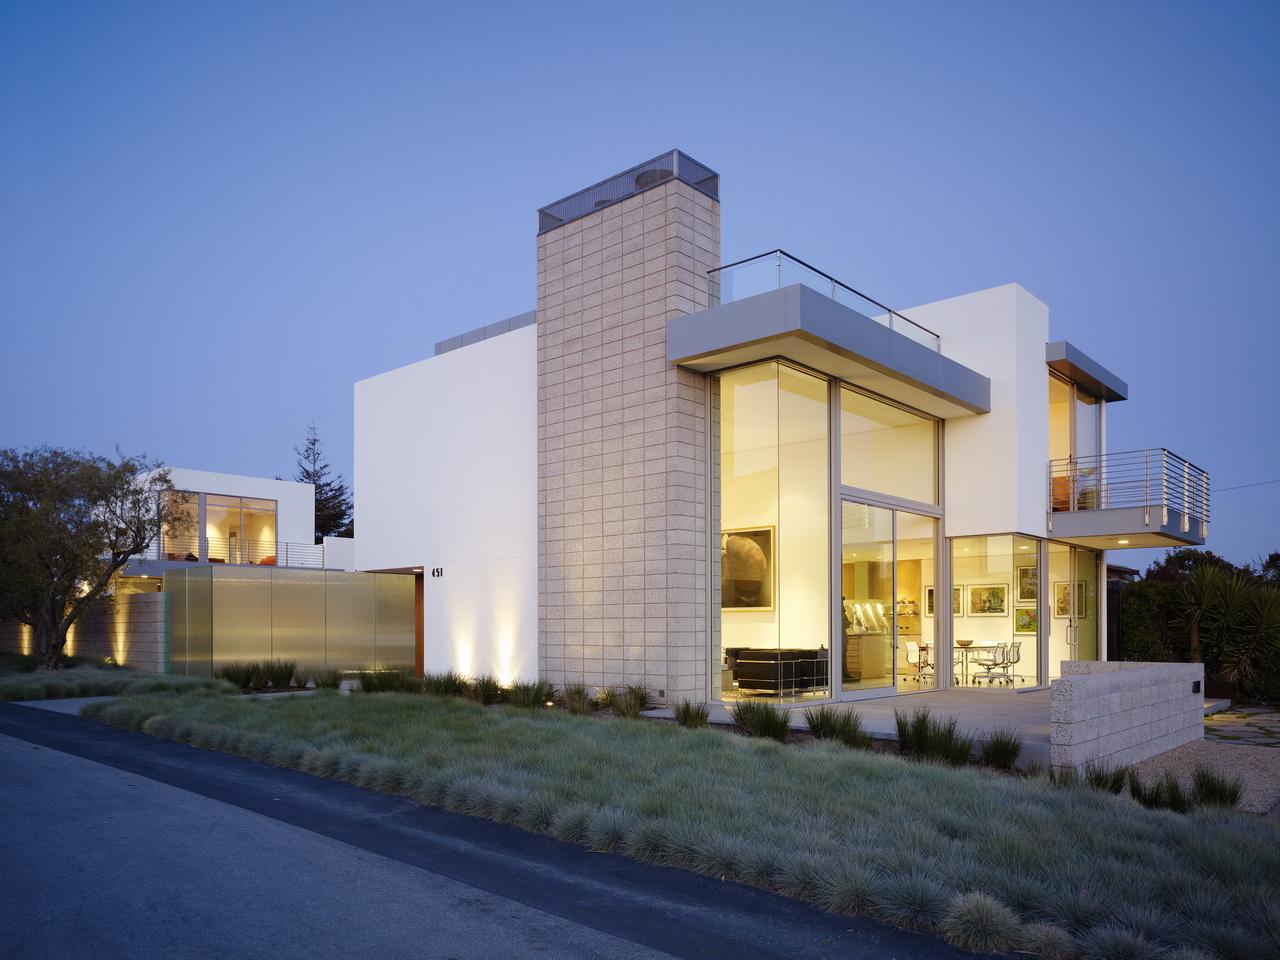 Zeidler Residence / Ehrlich Architects, © Matthew Millman